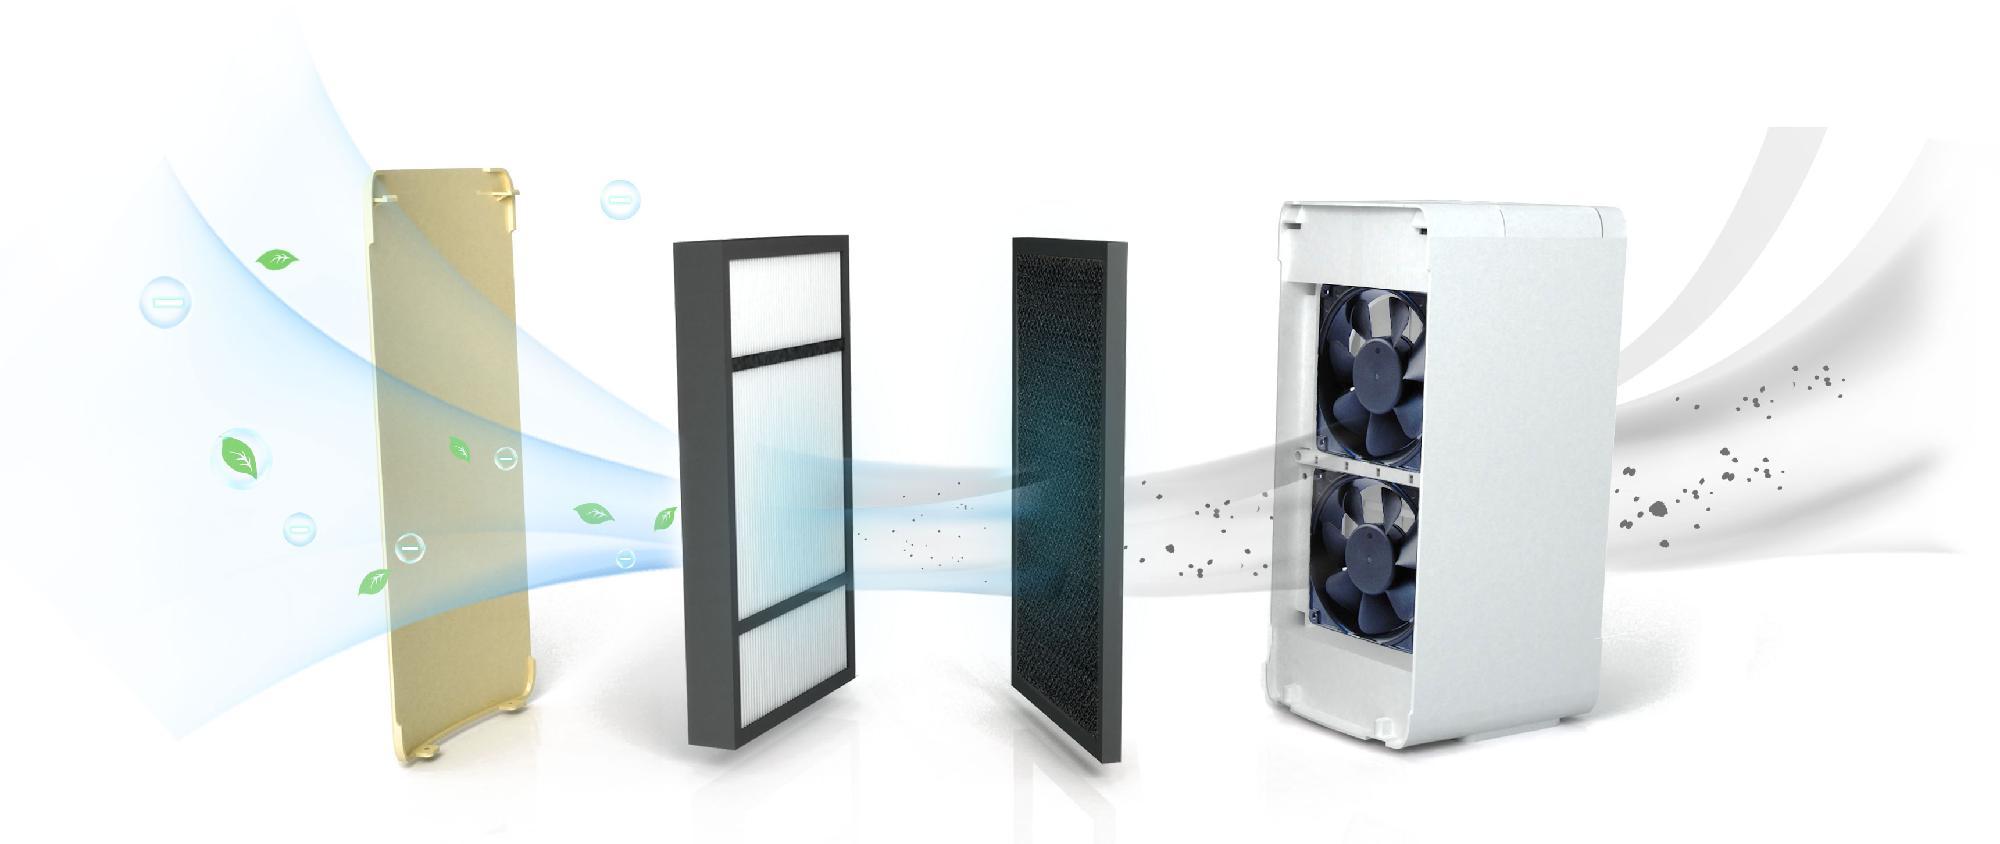 使用空气净化器的小技巧: